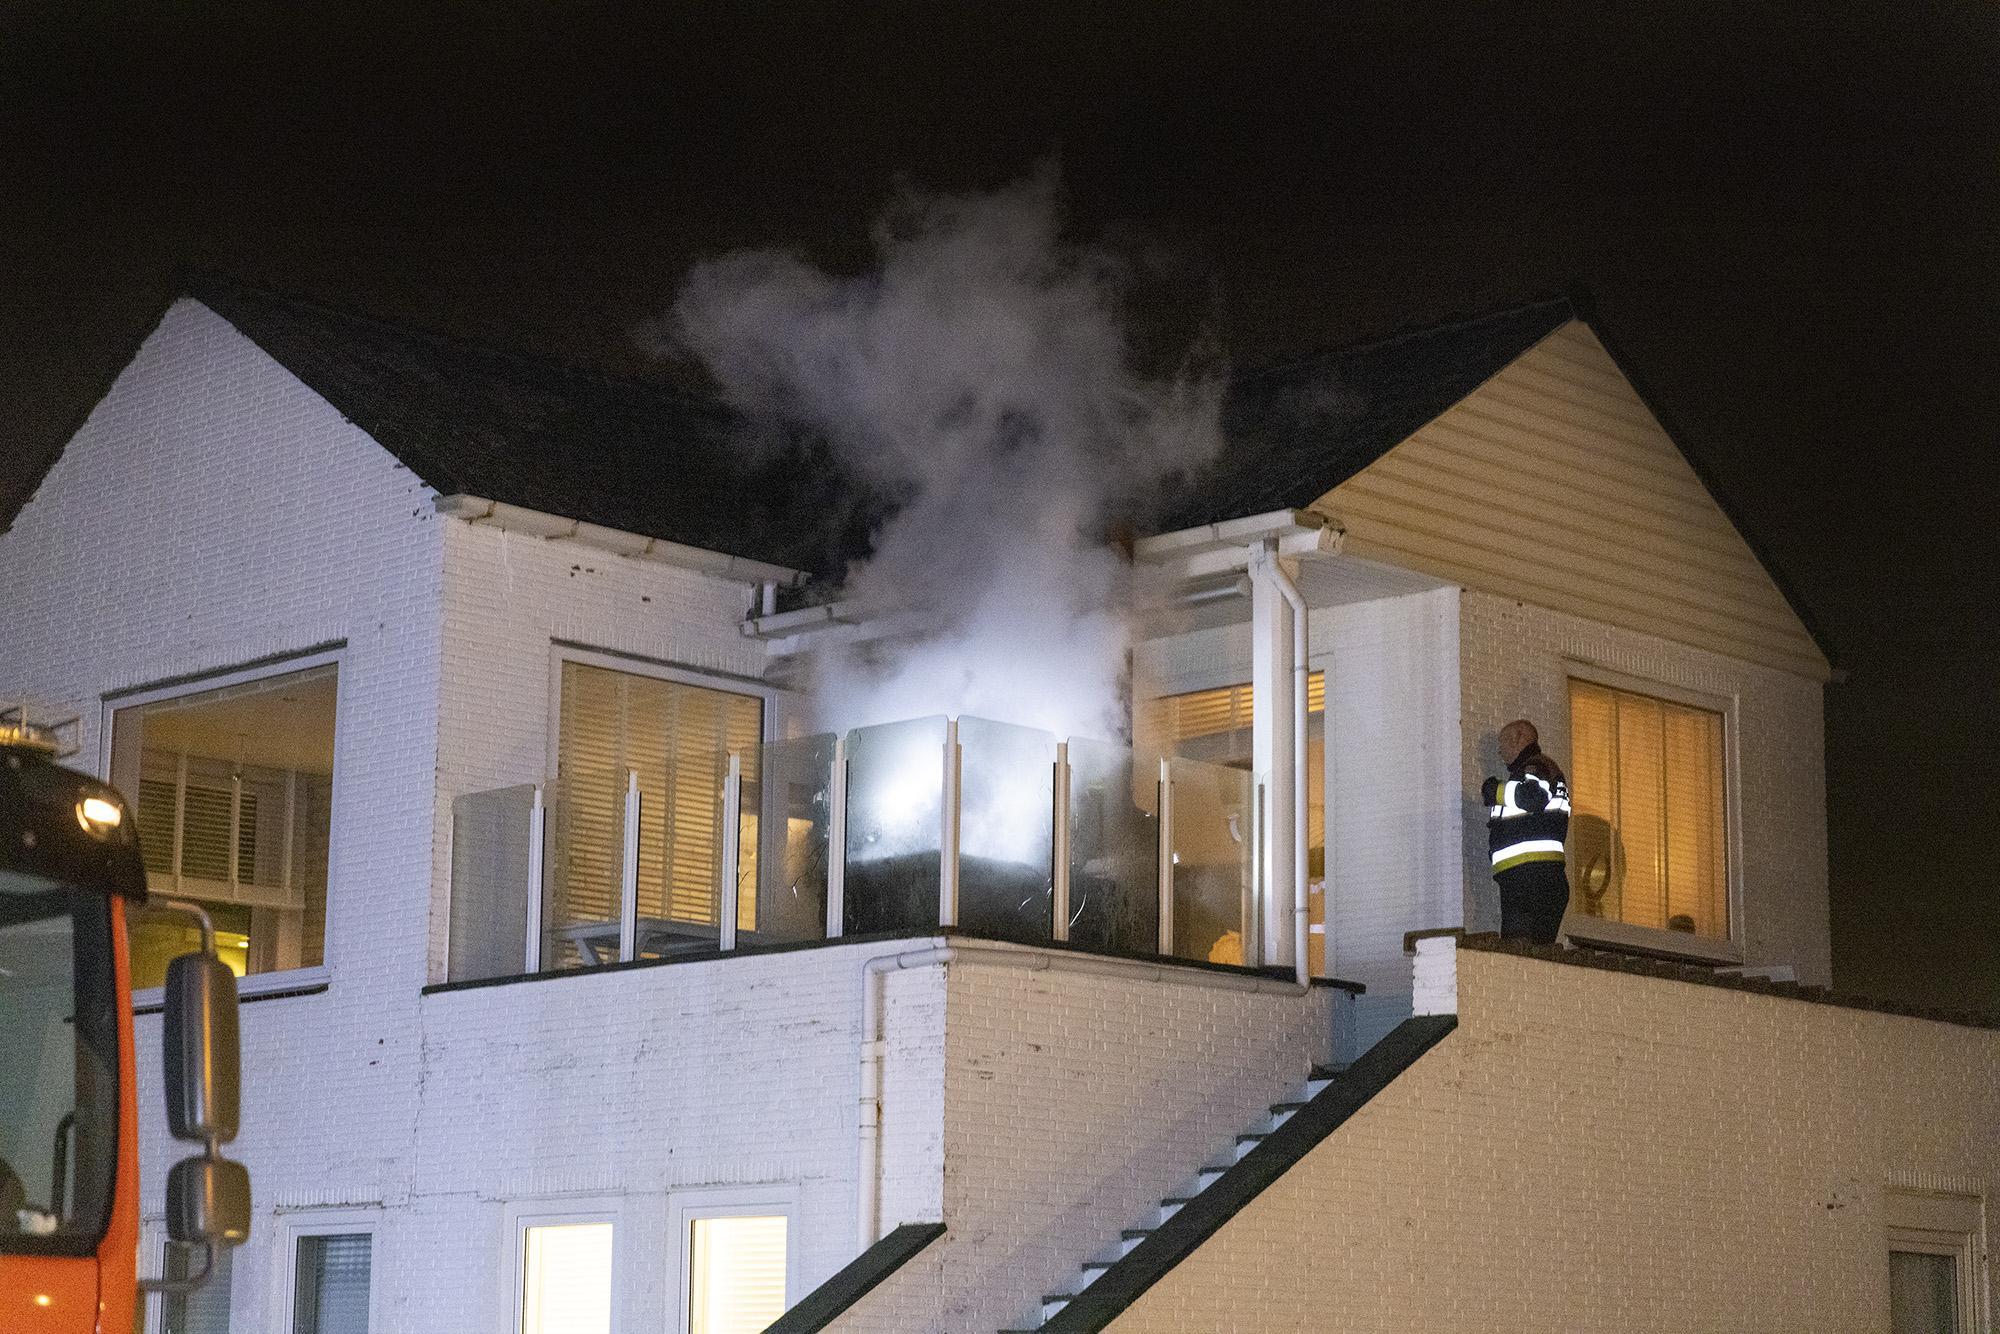 Voorbijganger ontdekt brand in buitenkeuken van woning Zandvoort